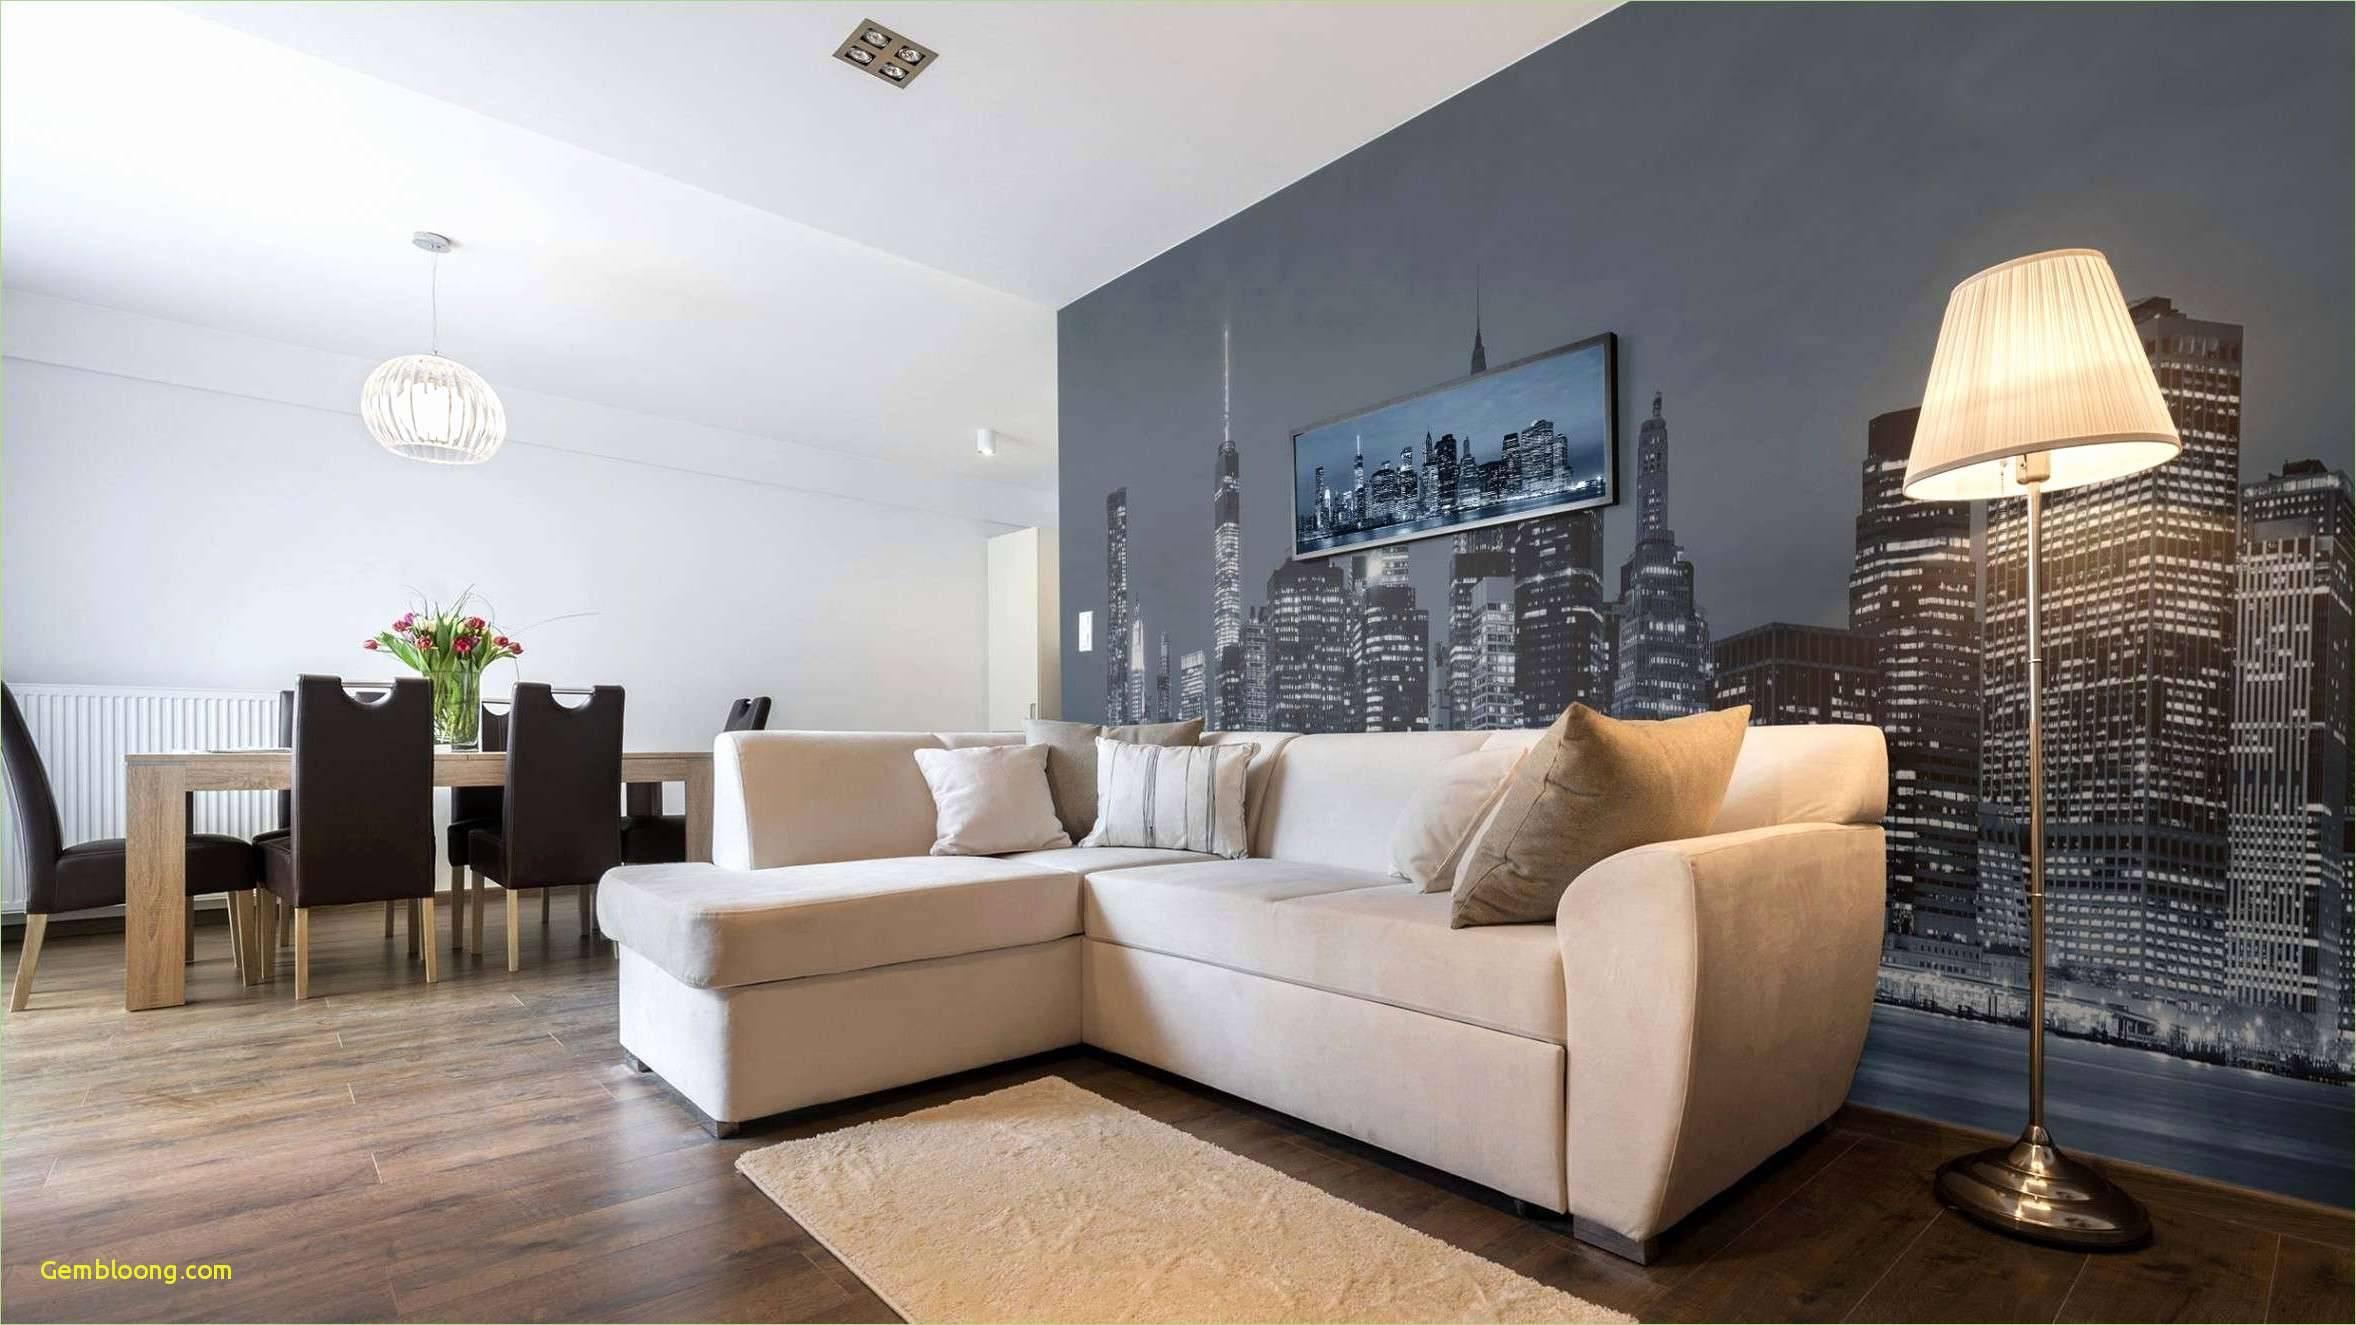 wohnzimmer design deko best of wand licht dekoration fresh wohnzimmer licht 0d design ideen von of wohnzimmer design deko